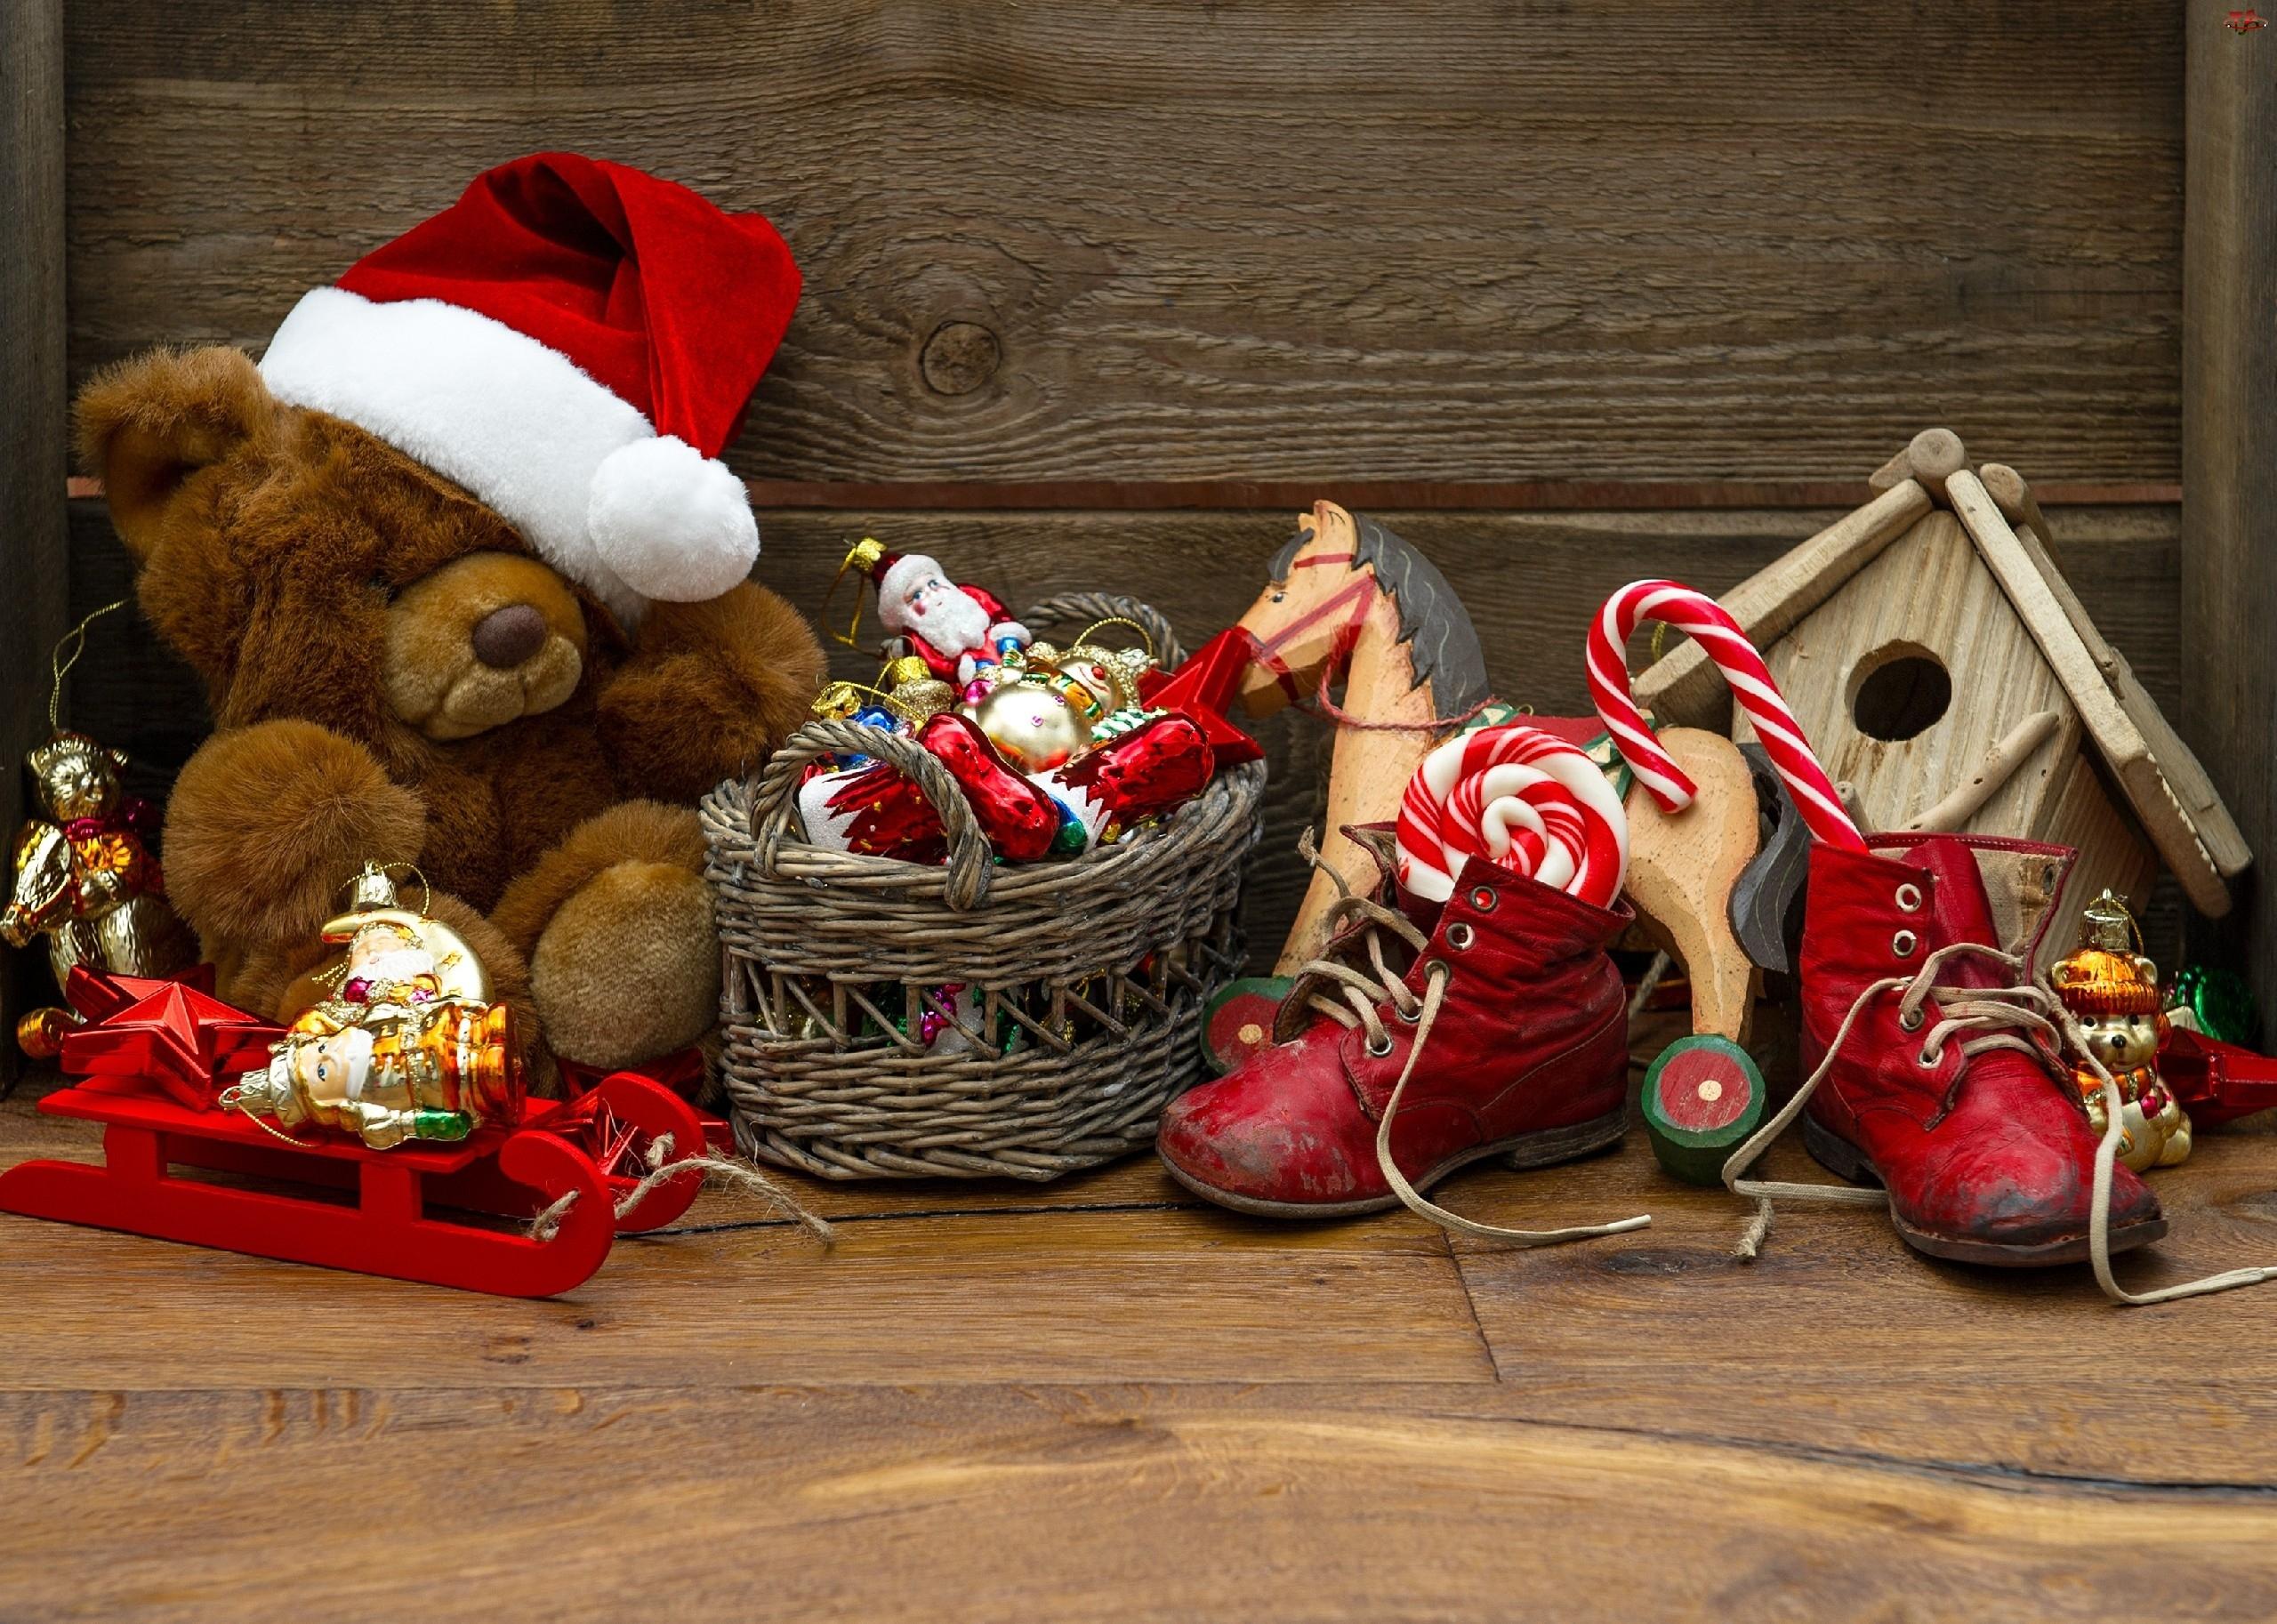 Święta, Miś, Mikołaja, Czapka, Stroik